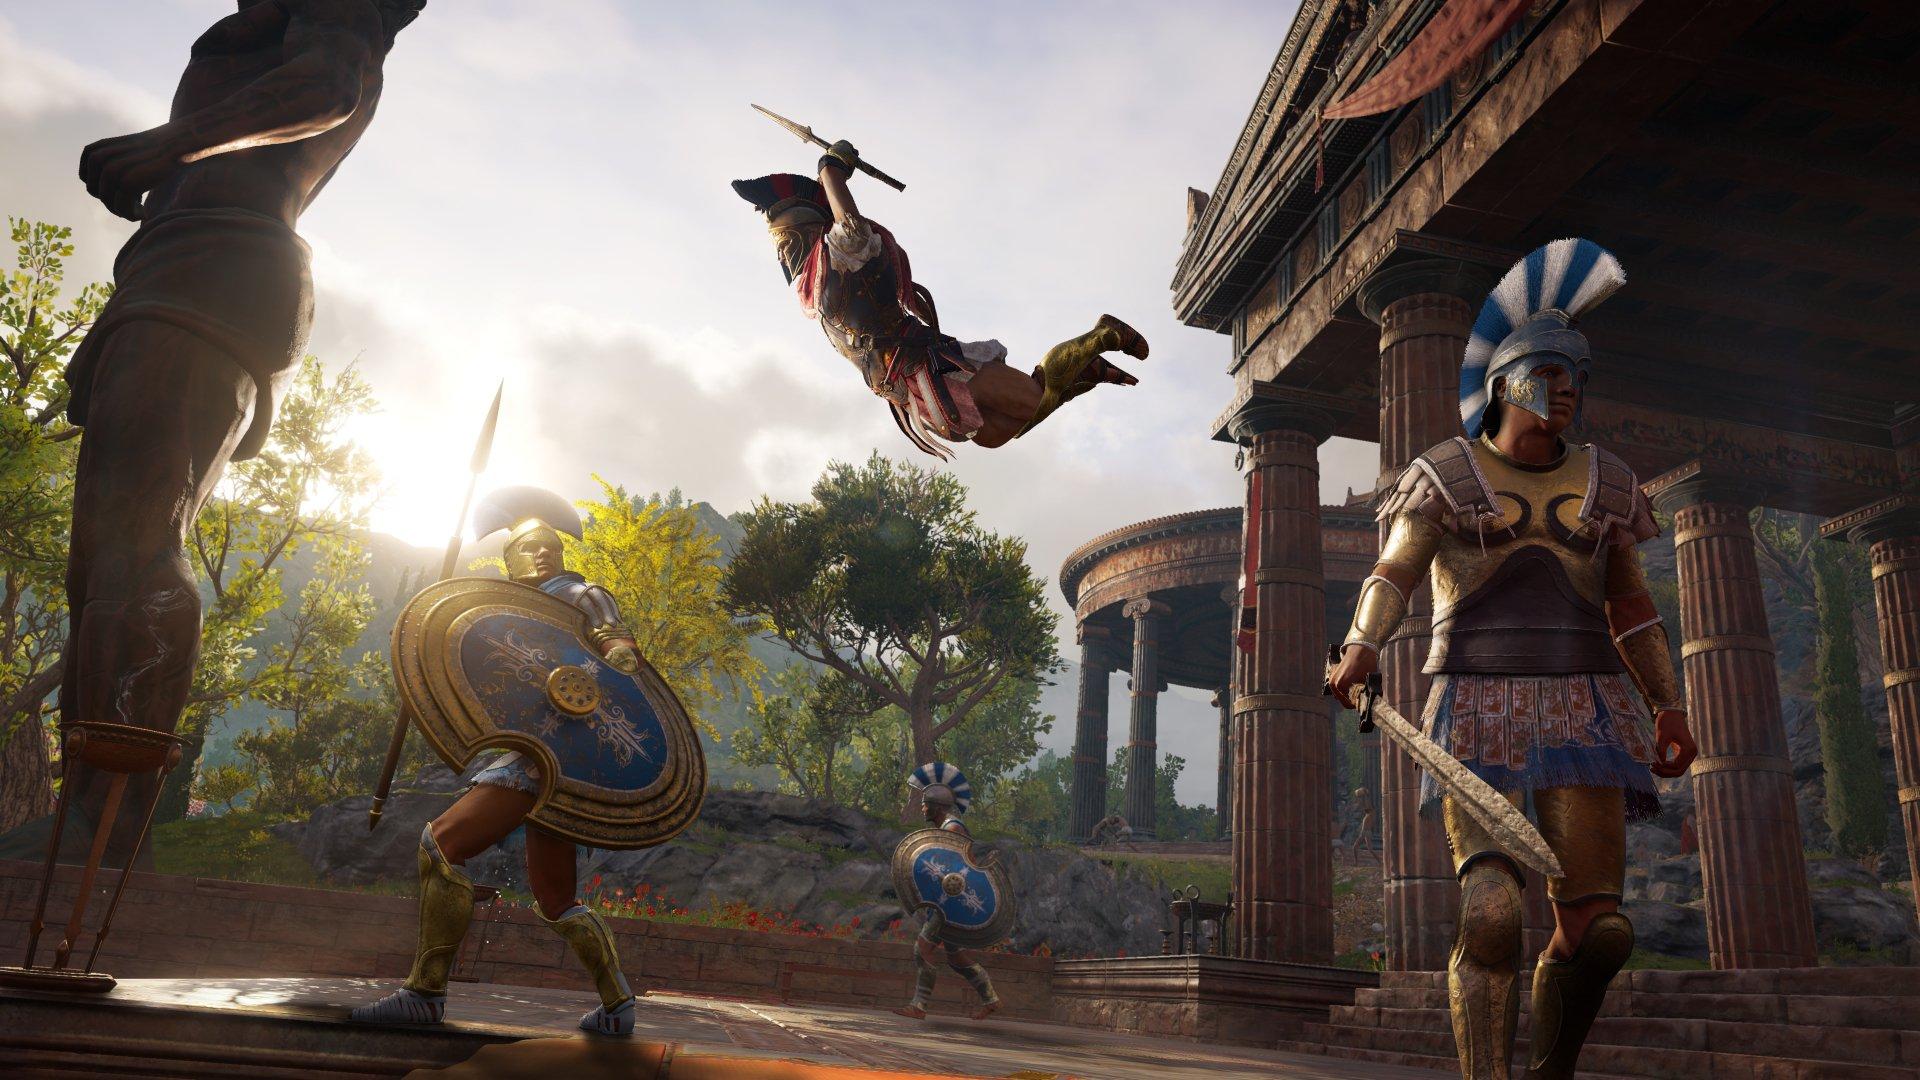 На Е3 2018 Ubisoft продемонстрировала геймплейный трейлер Assassin's Creed: Odyssey